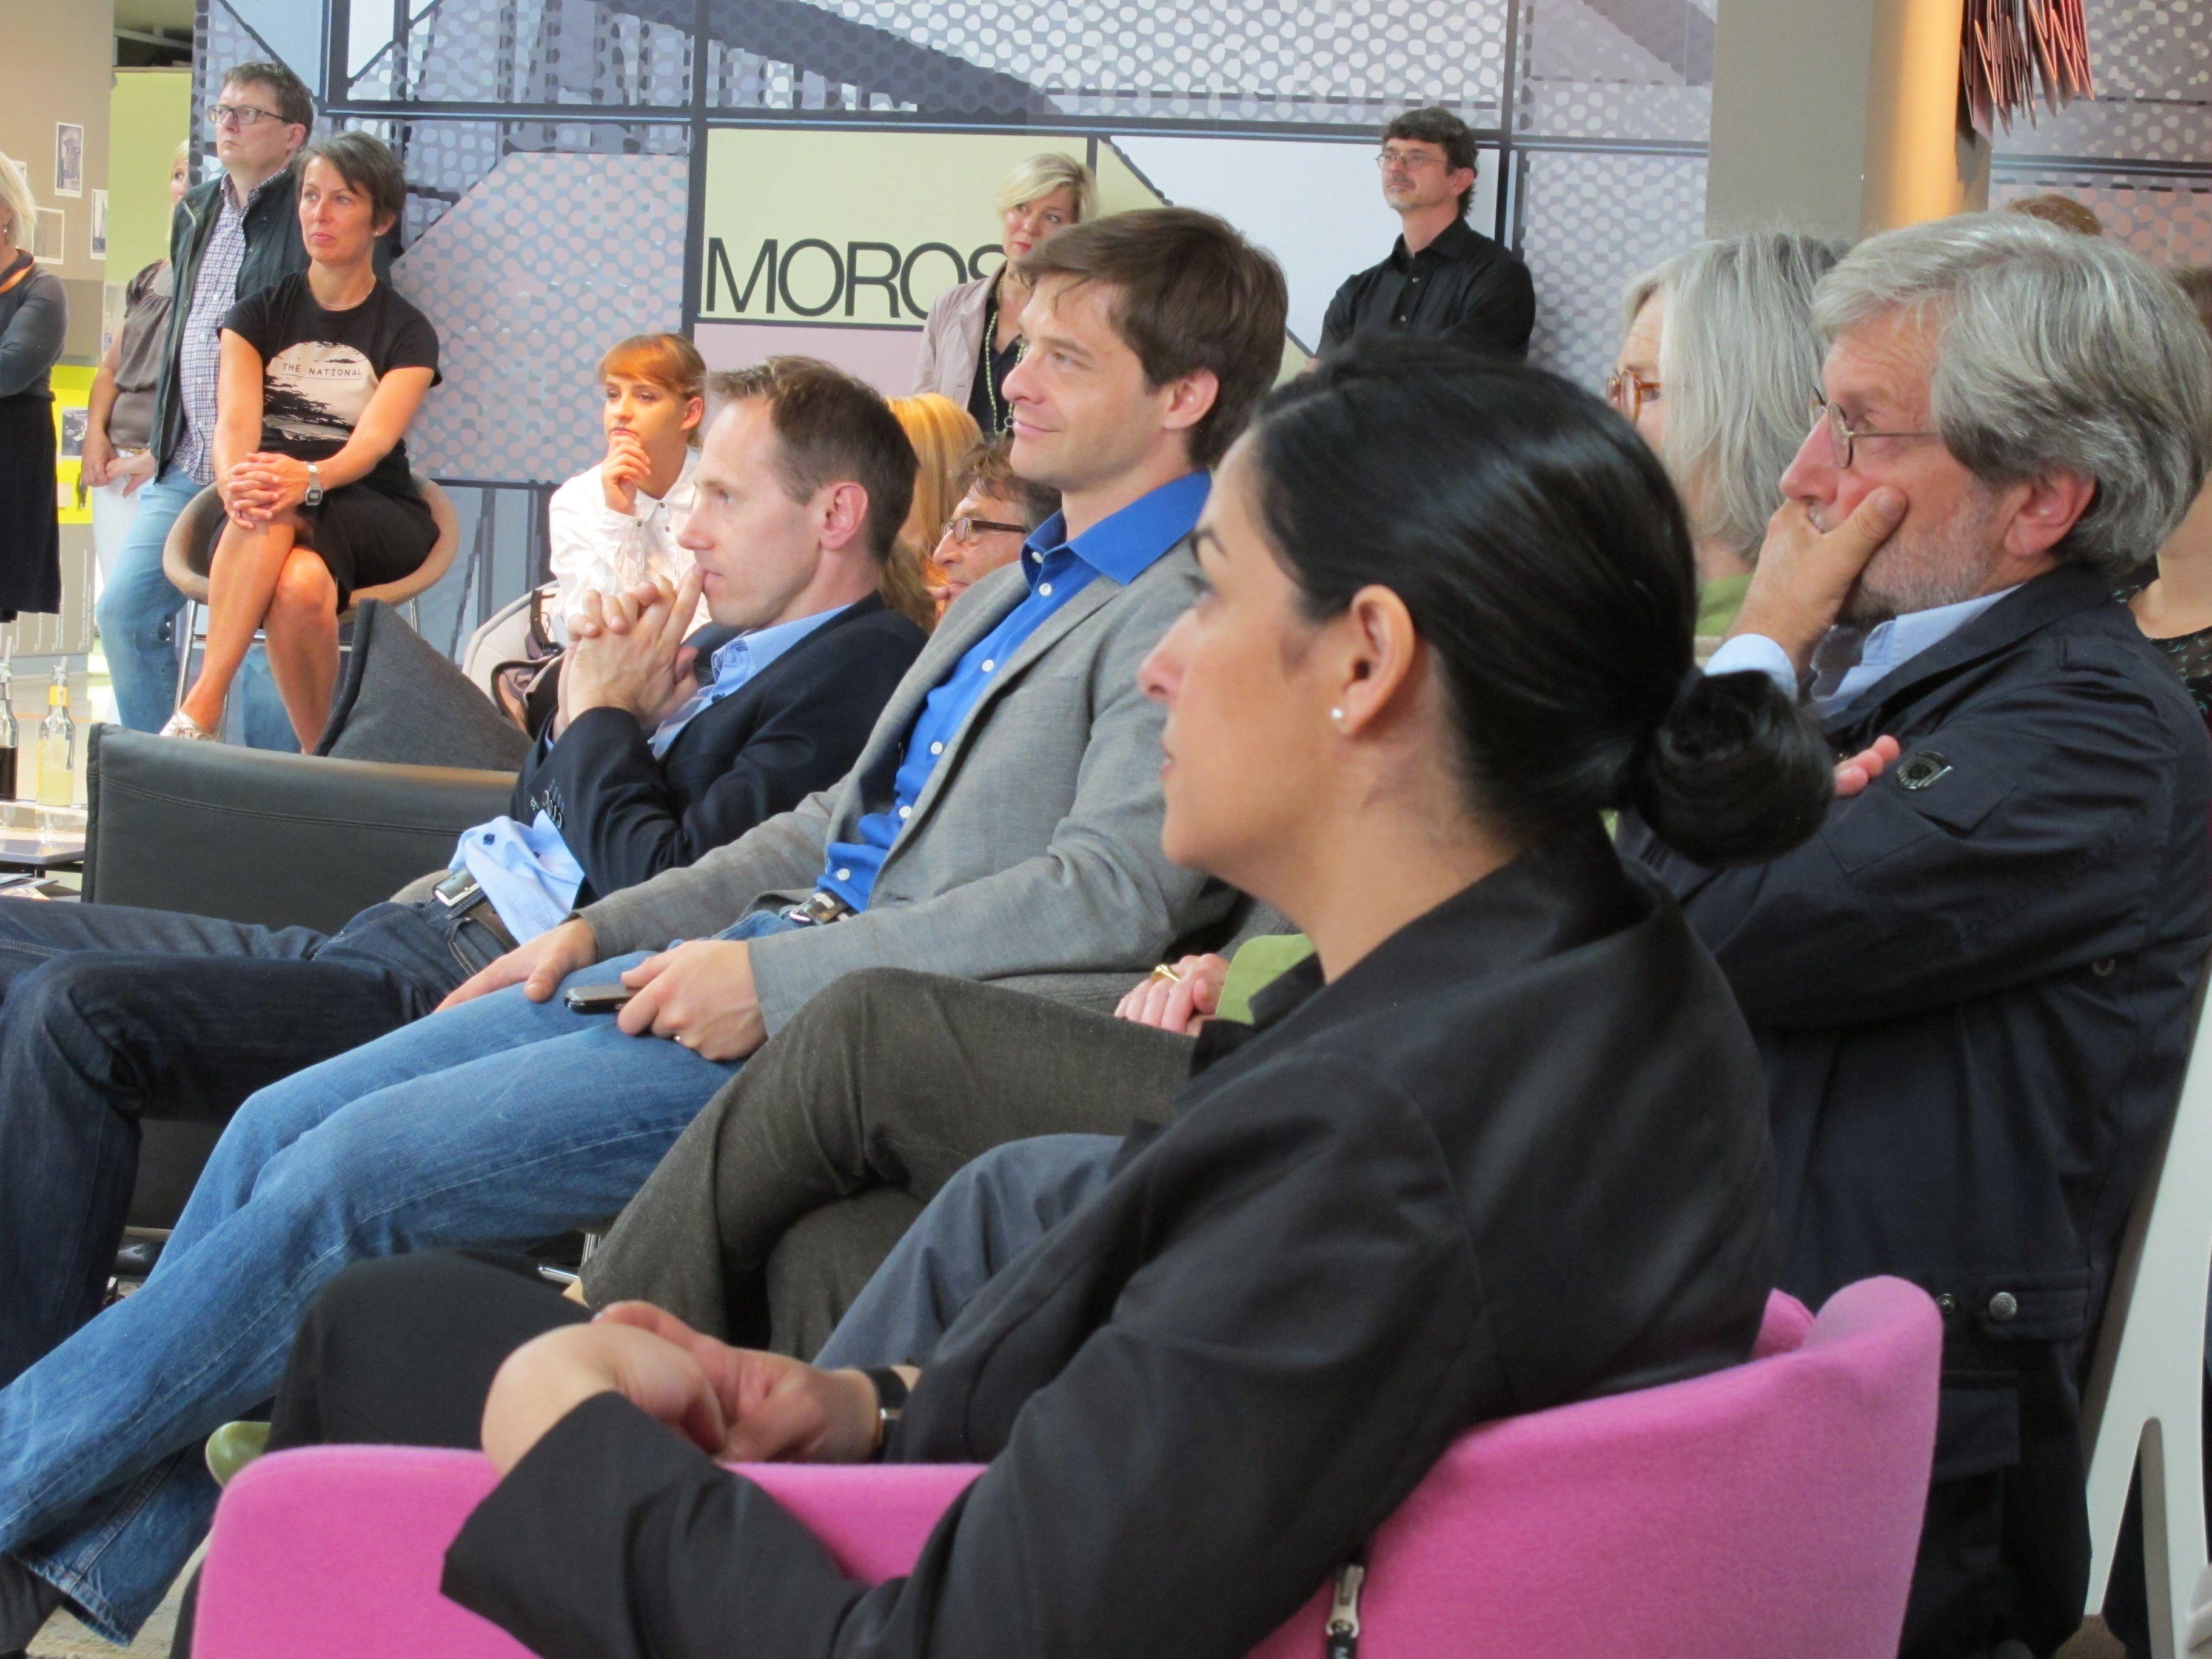 Innenarchitektur Veranstaltungen rahmenprogramm mit vorträ während der veranstaltung